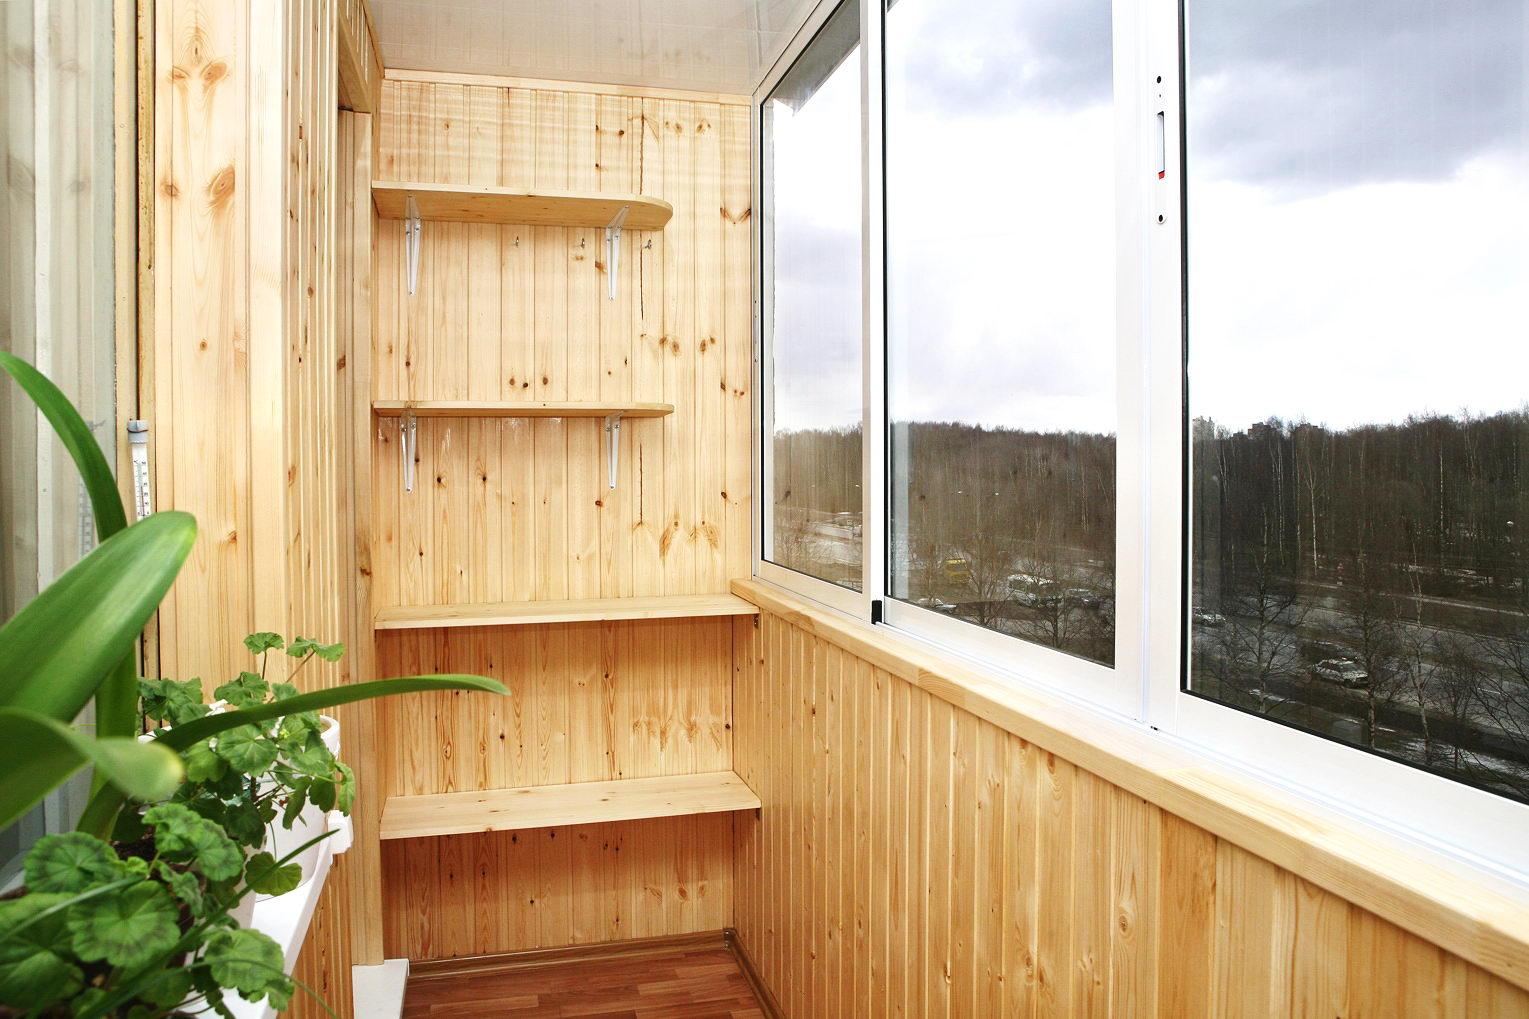 Дизайн маленького балкона обшитого деревом.